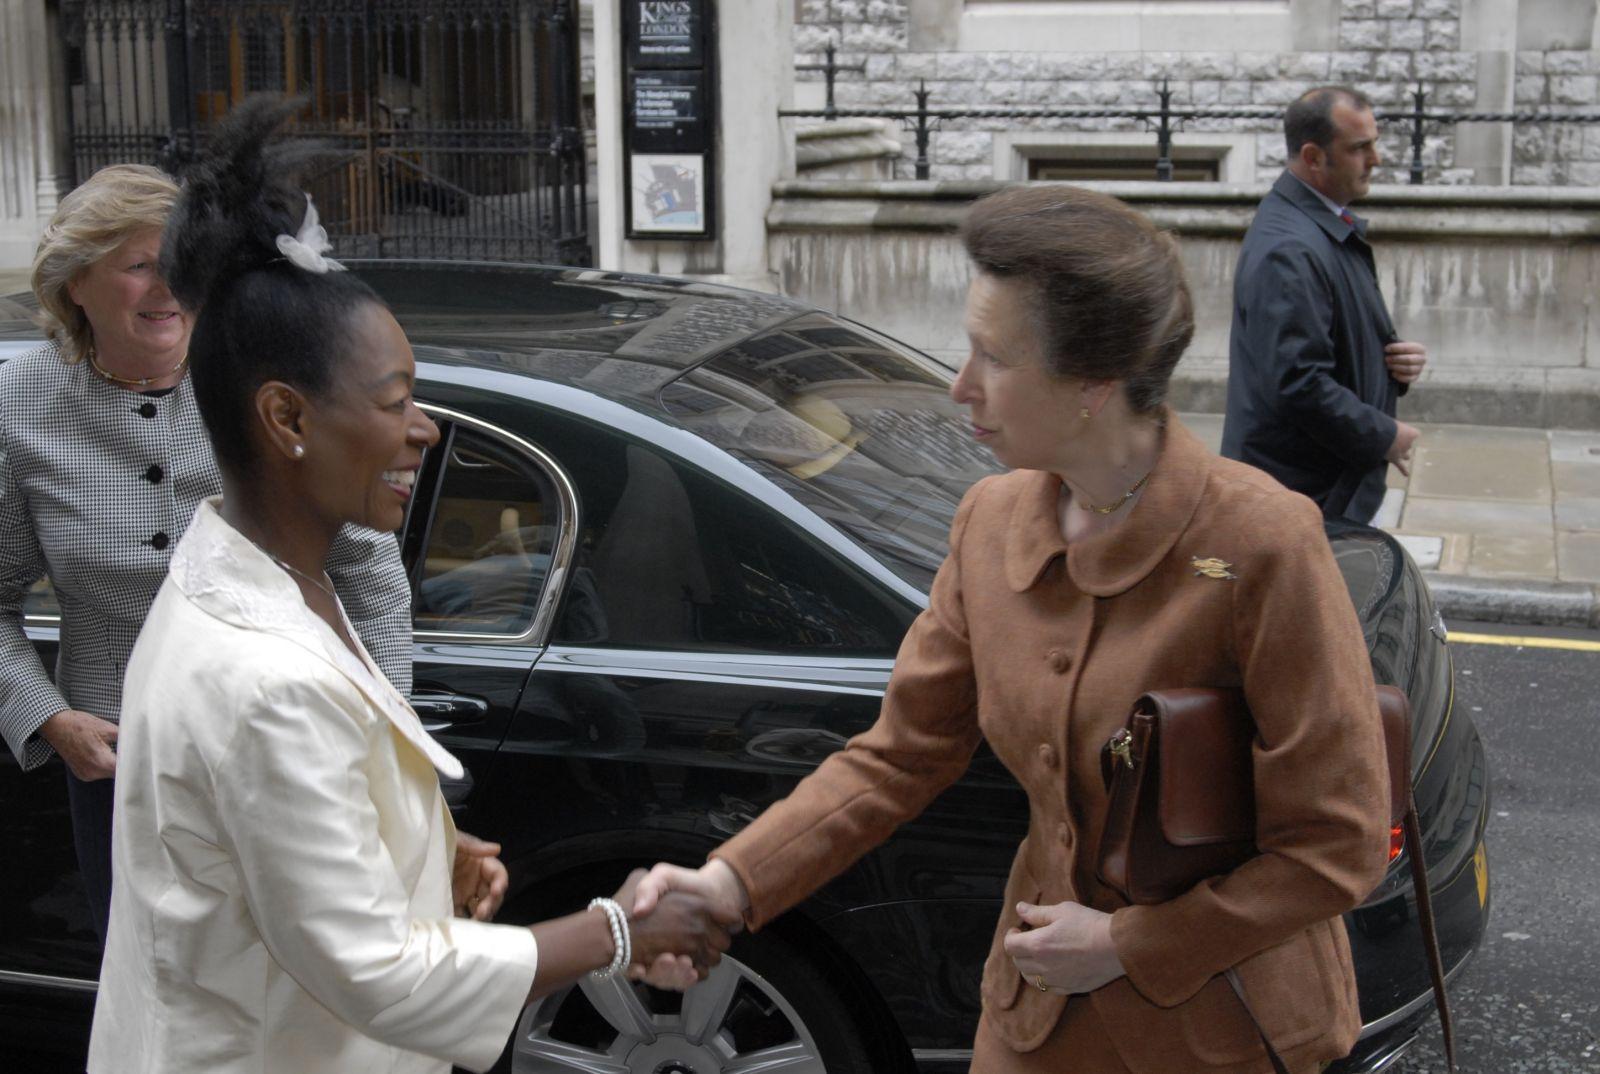 H.R. H The Princess Royal and Baroness LR Floella Benjamin